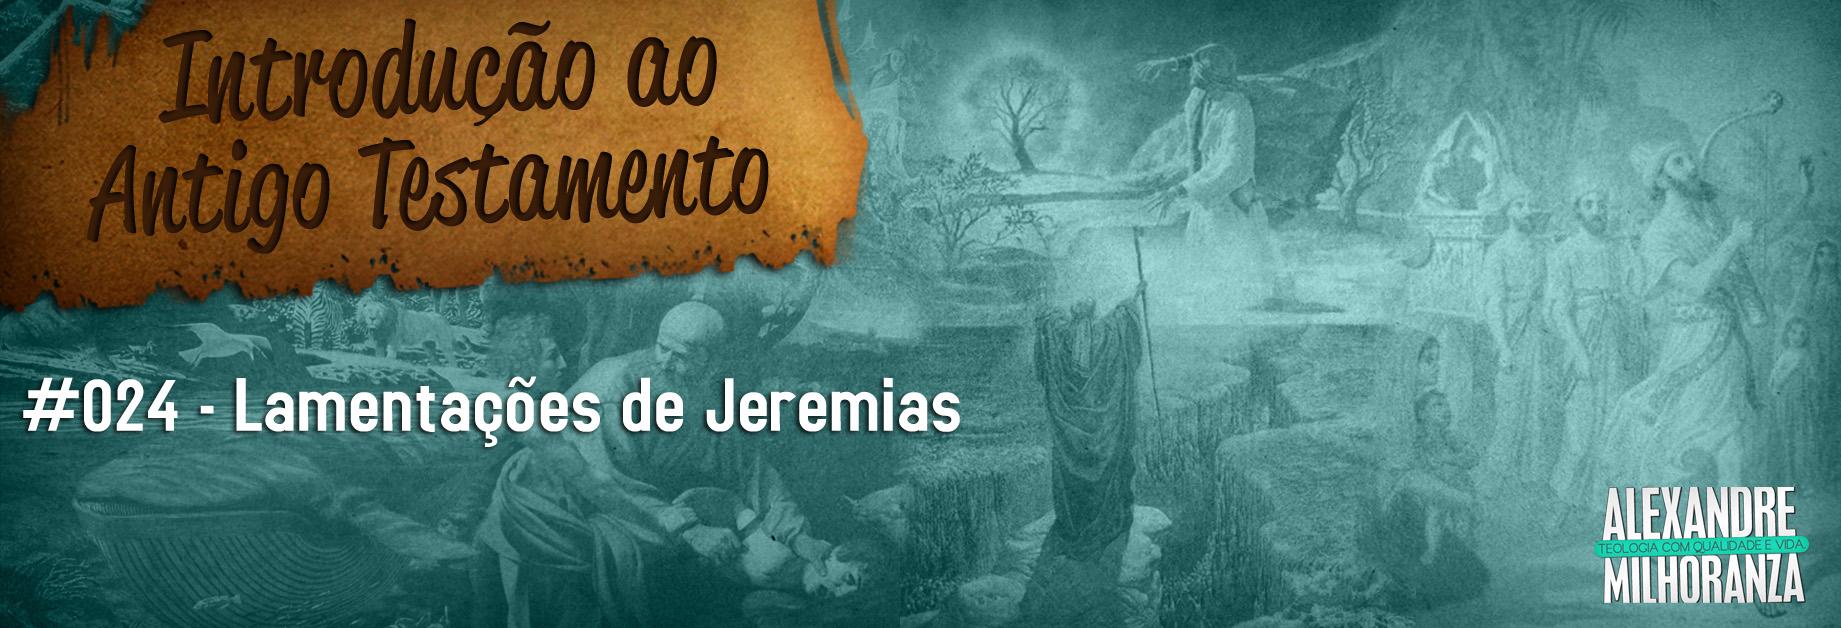 Lamentações de Jeremias